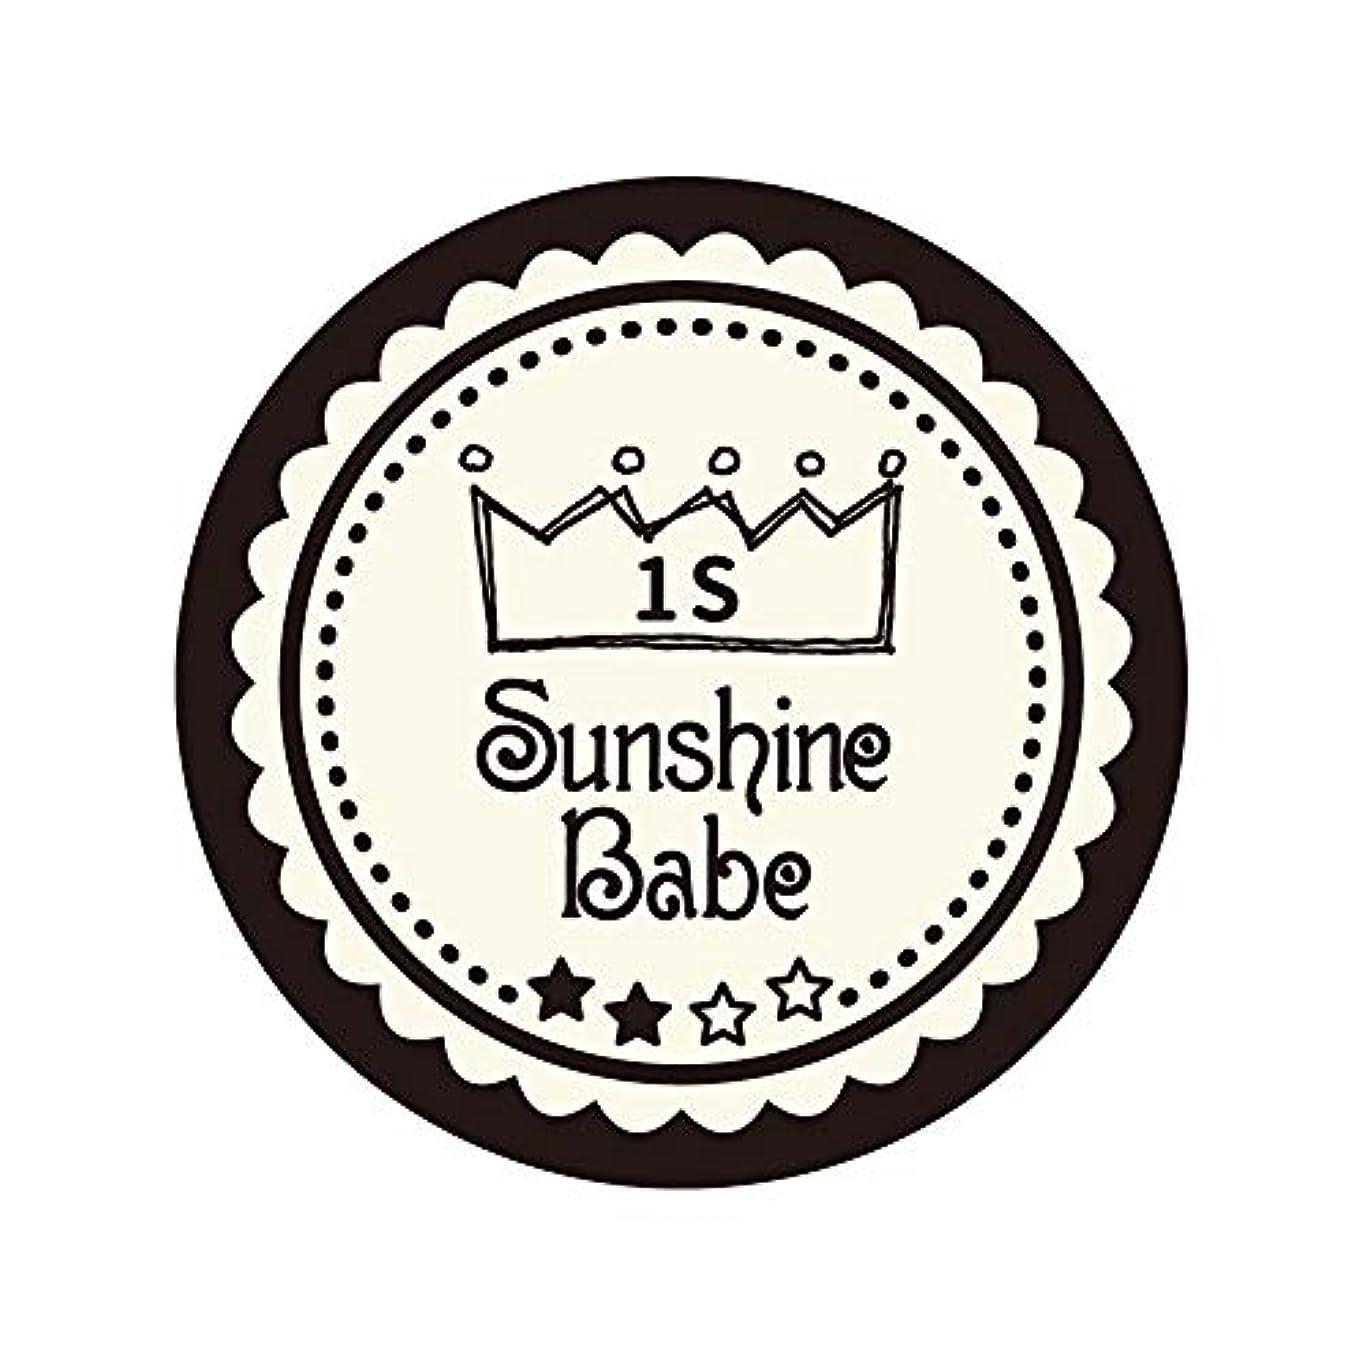 ほめるレパートリー衝撃Sunshine Babe カラージェル 1S ココナッツミルク 2.7g UV/LED対応